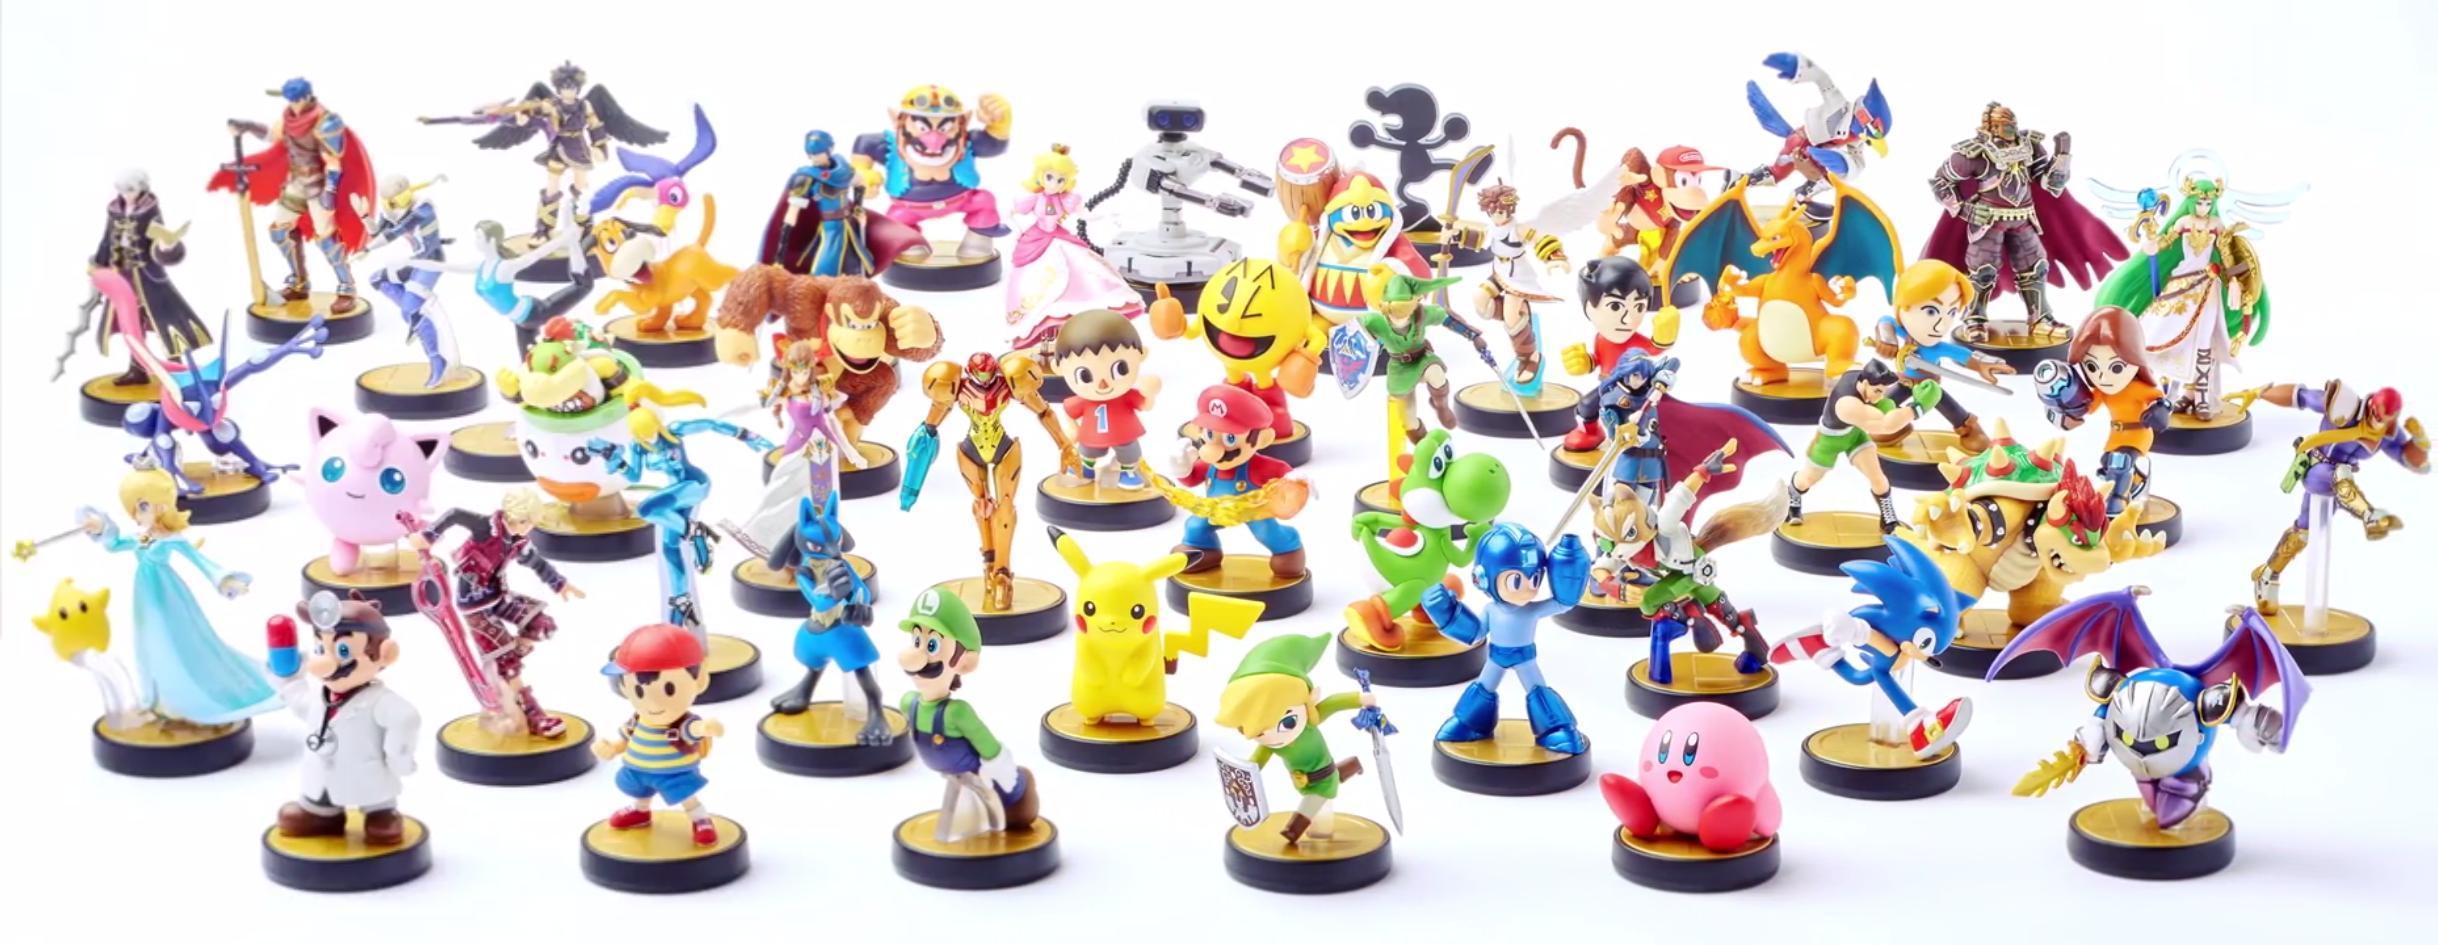 Пластиковые куколки персонажей Nintendo популярнее видеоигр компании. - Изображение 2